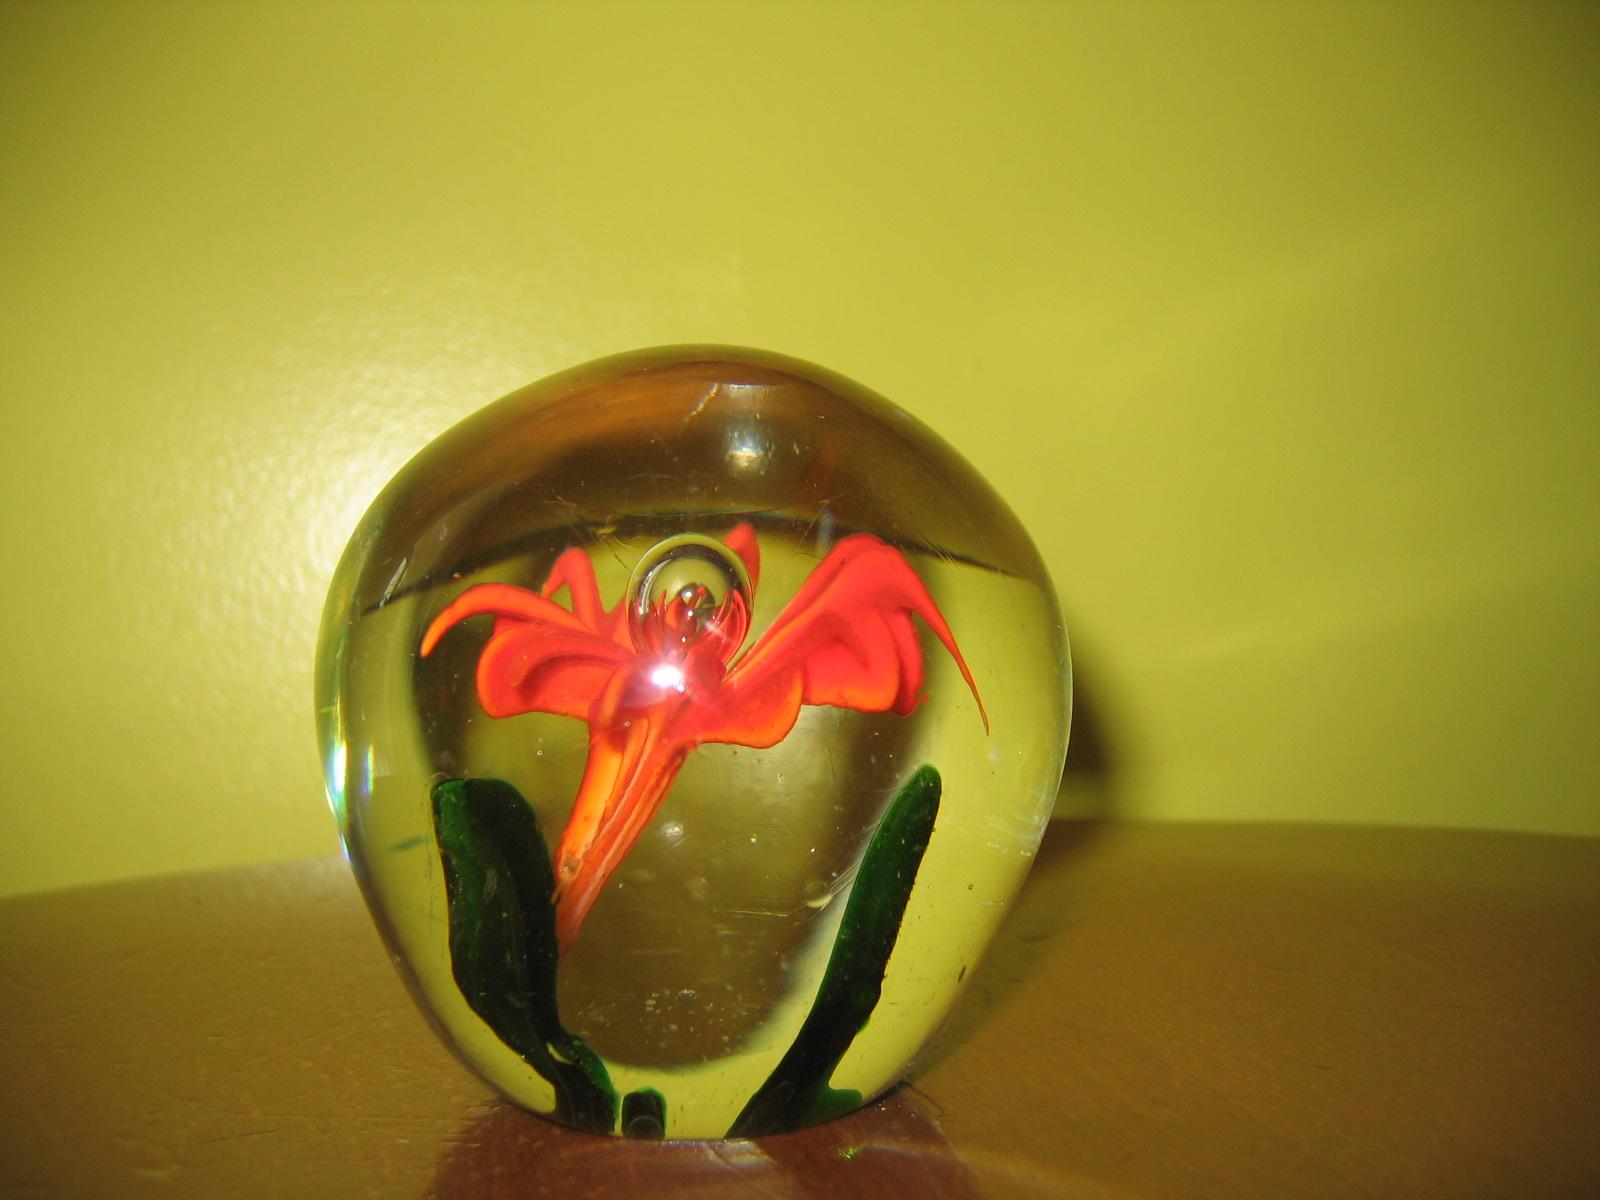 Collectible hand blown art glass orange flower paperweight item collectible hand blown art glass orange flower paperweight item 3838 for sale mightylinksfo